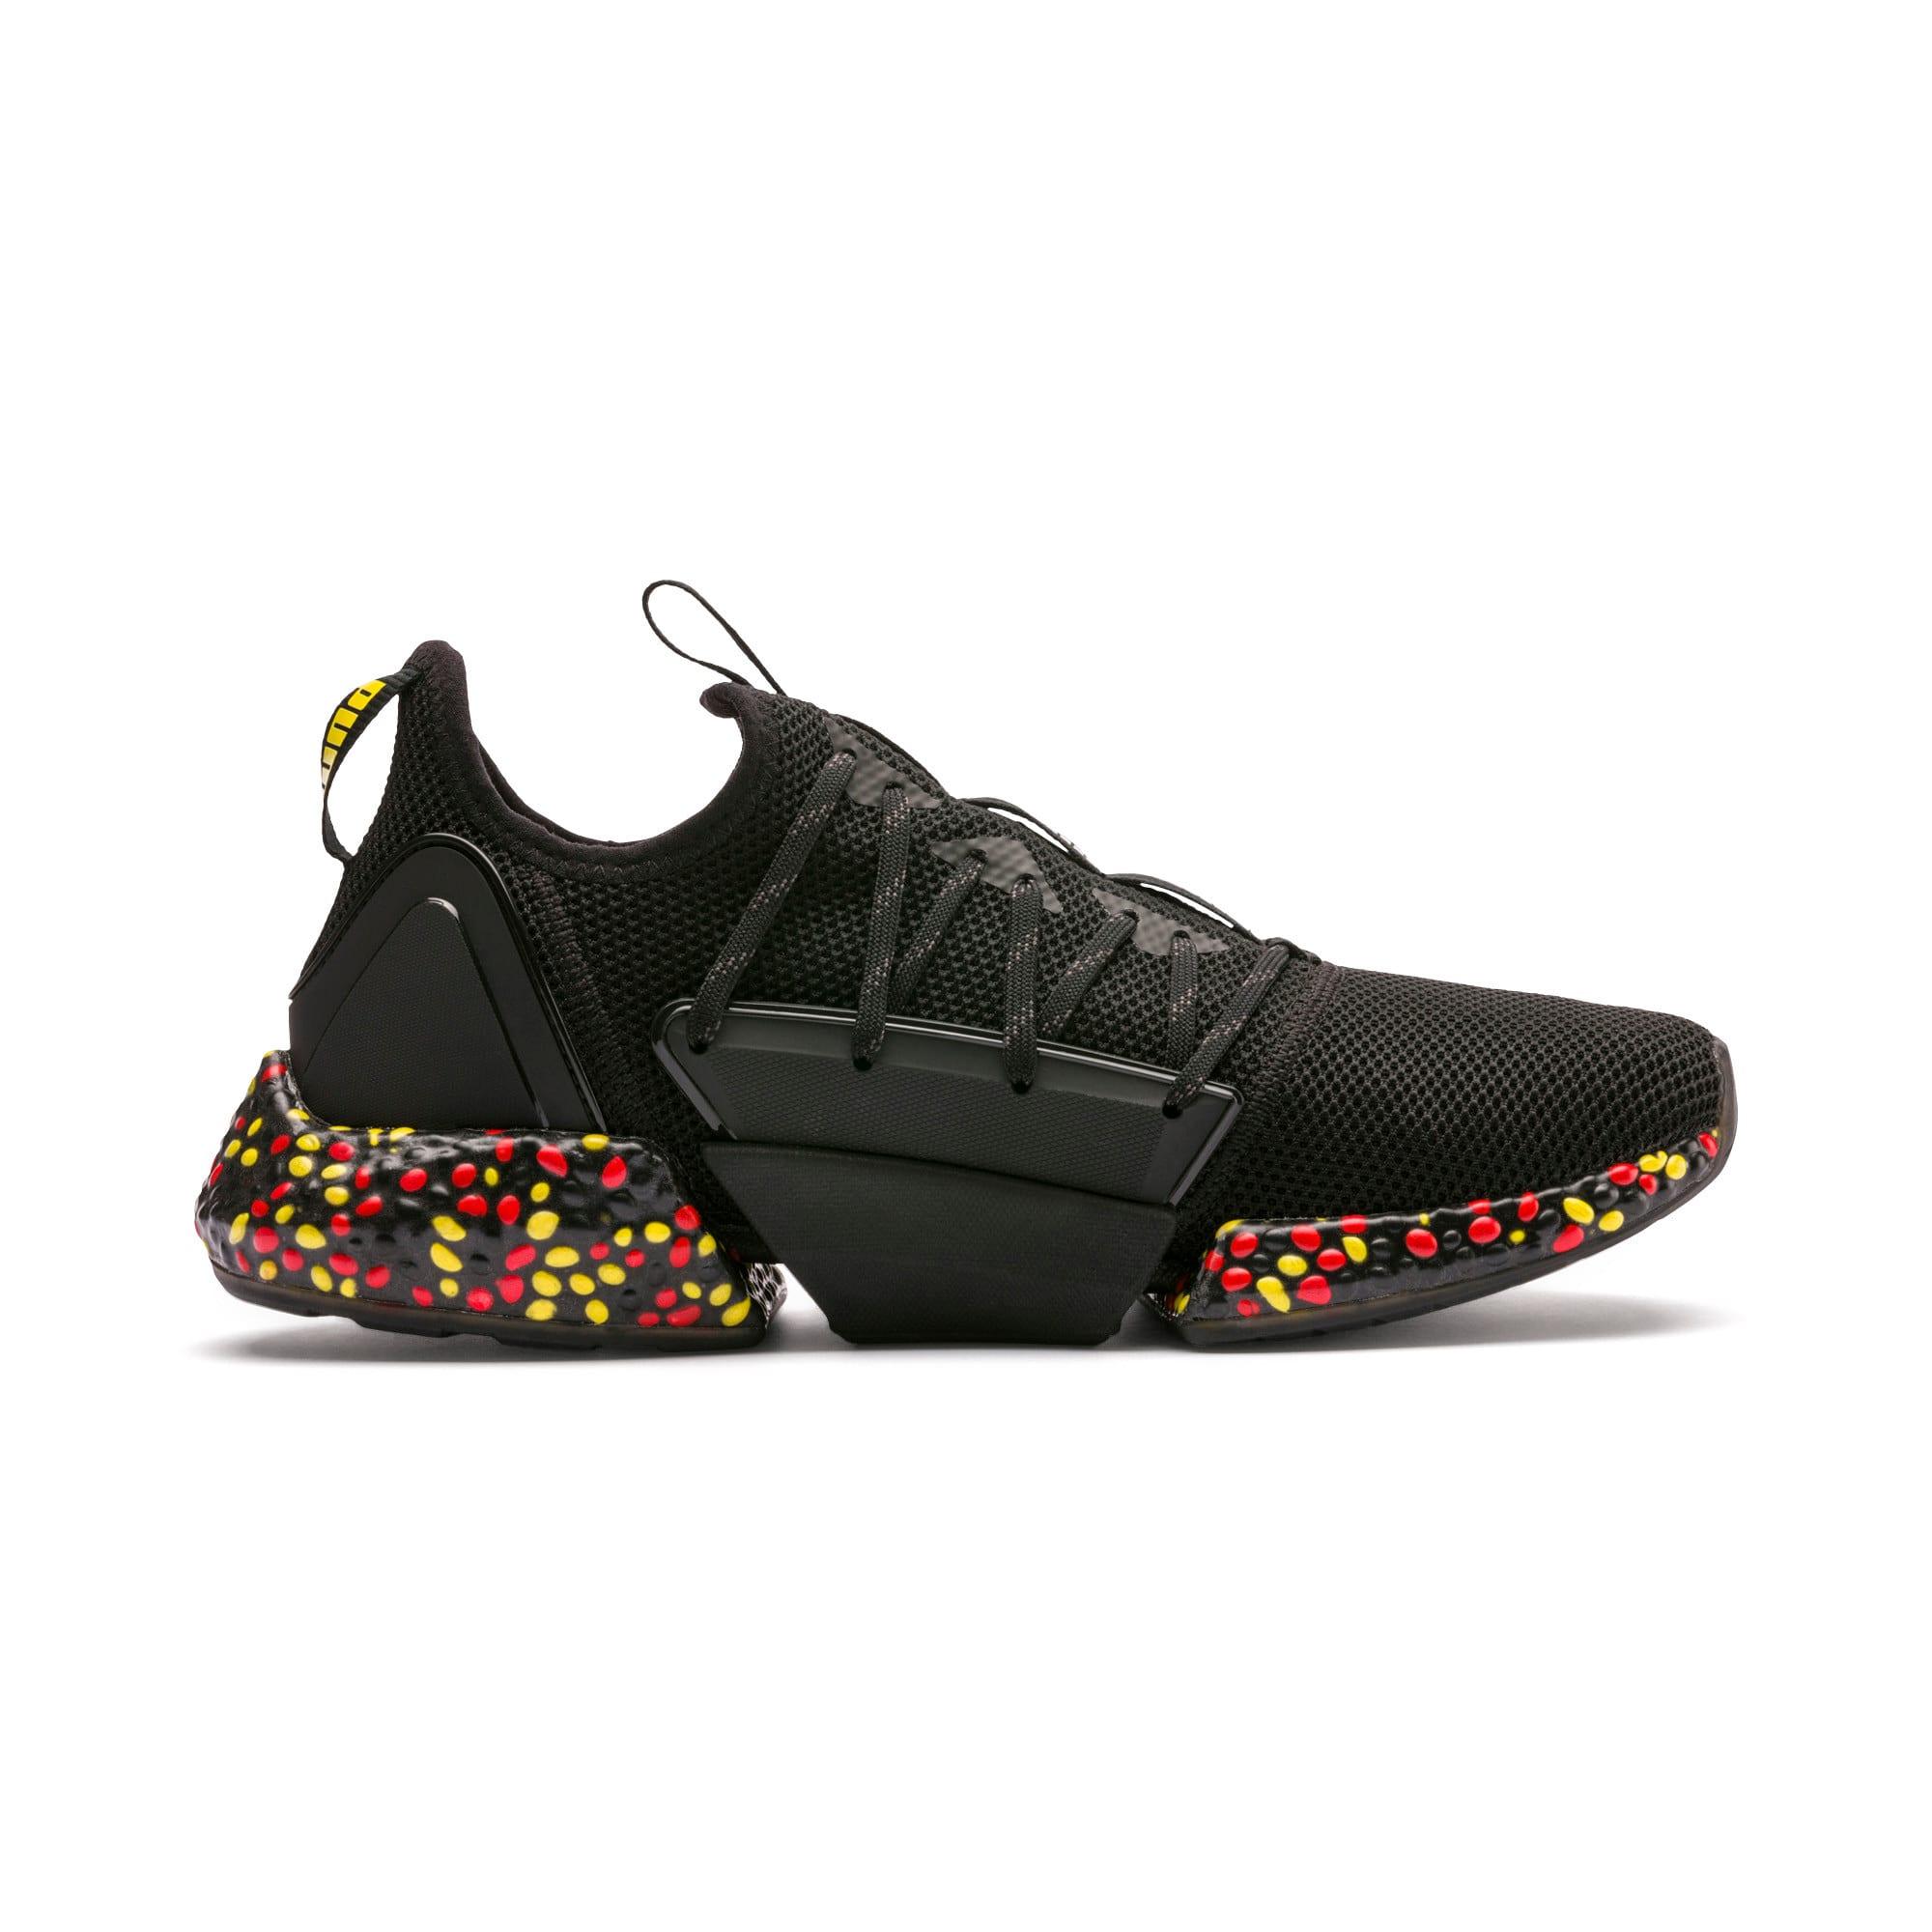 Imagen en miniatura 7 de Zapatillas de running de hombre Hybrid Rocket Runner, Black-Blazing Yellow-Red, mediana